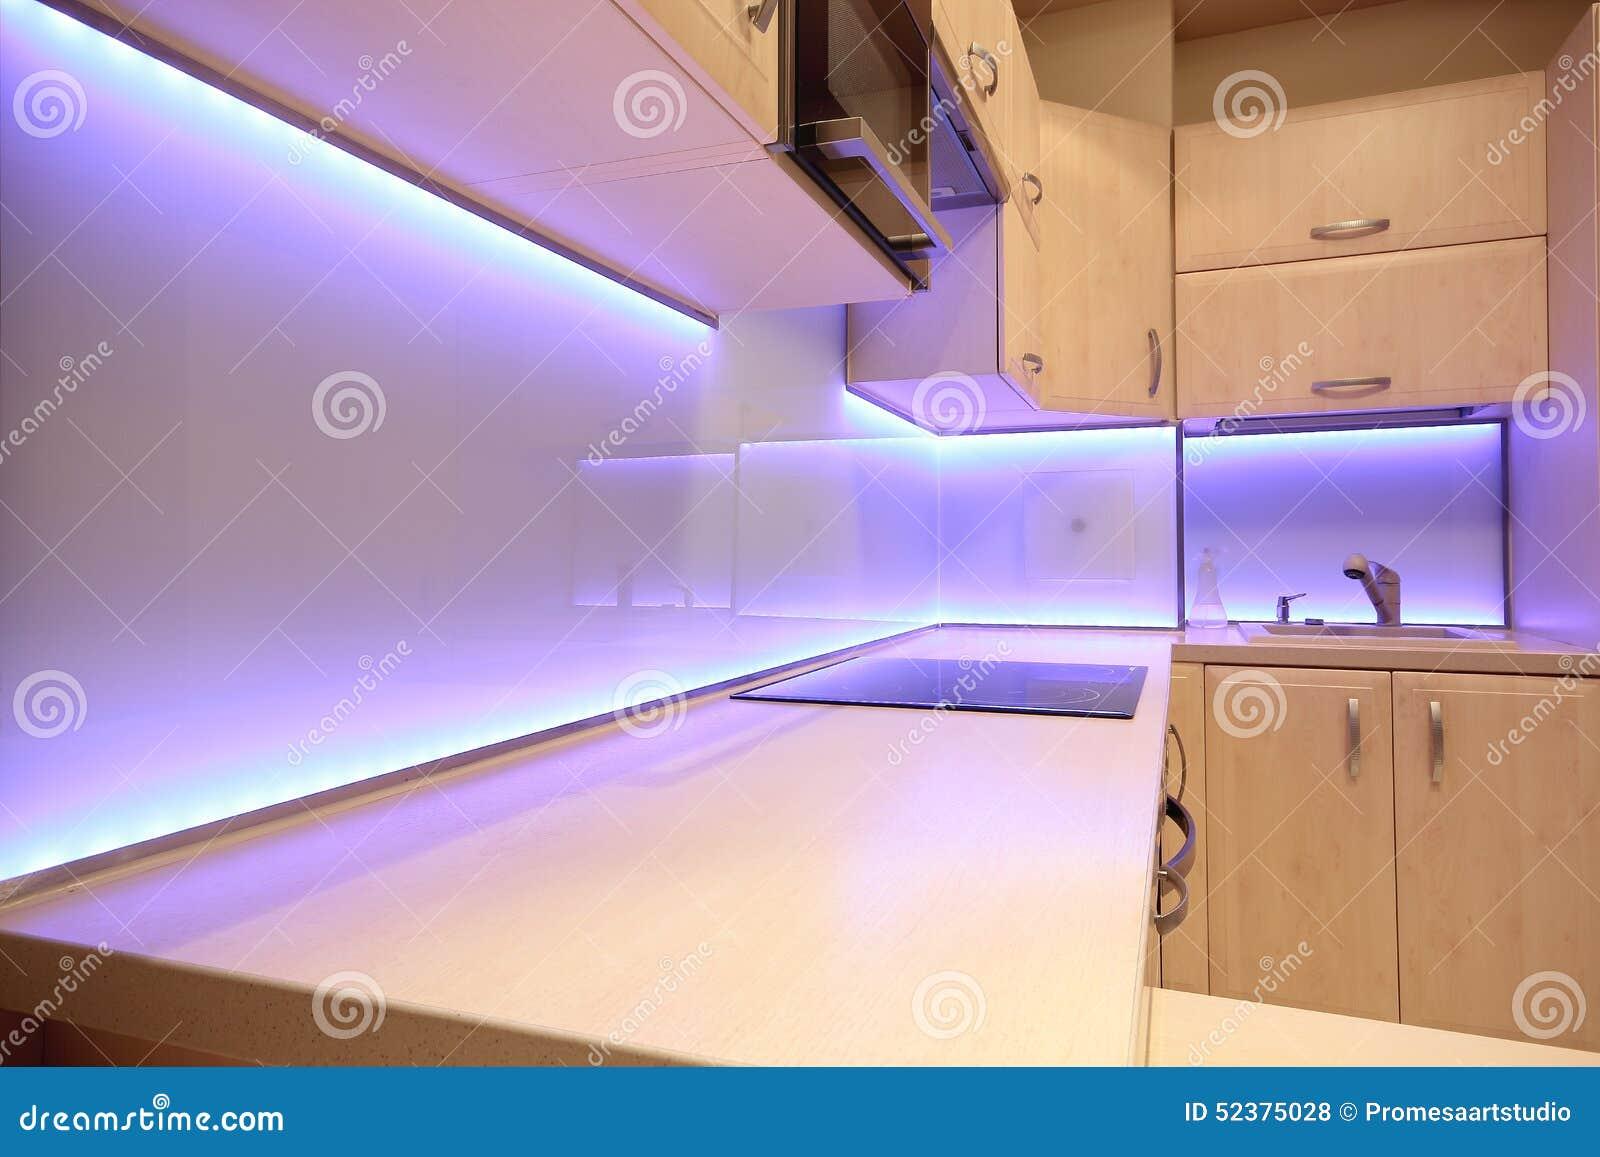 Modernt lyxigt kök med lilor ledde belysning arkivfoto   bild ...